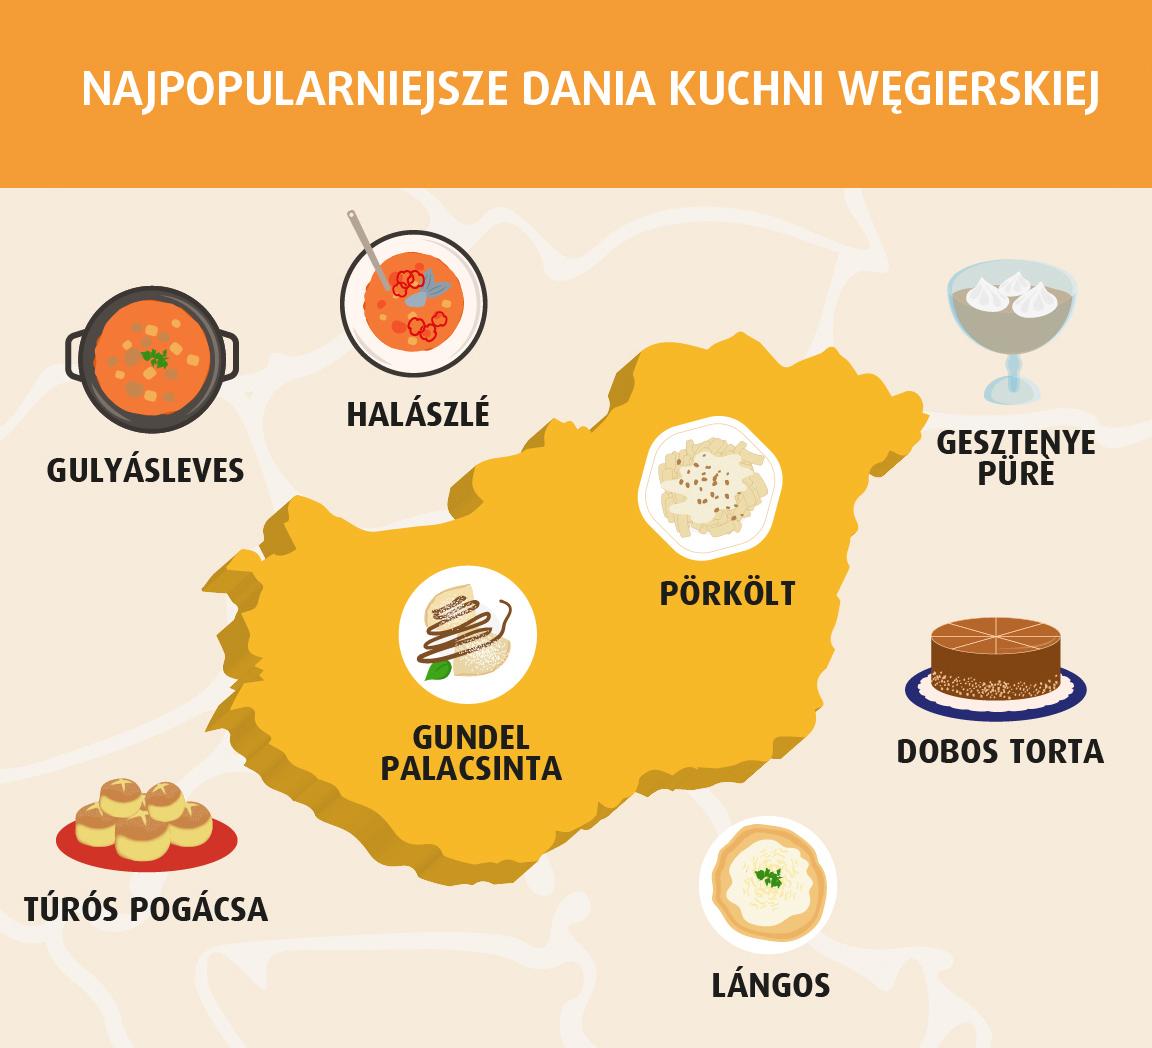 Podróże kulinarne: kuchnia węgierska